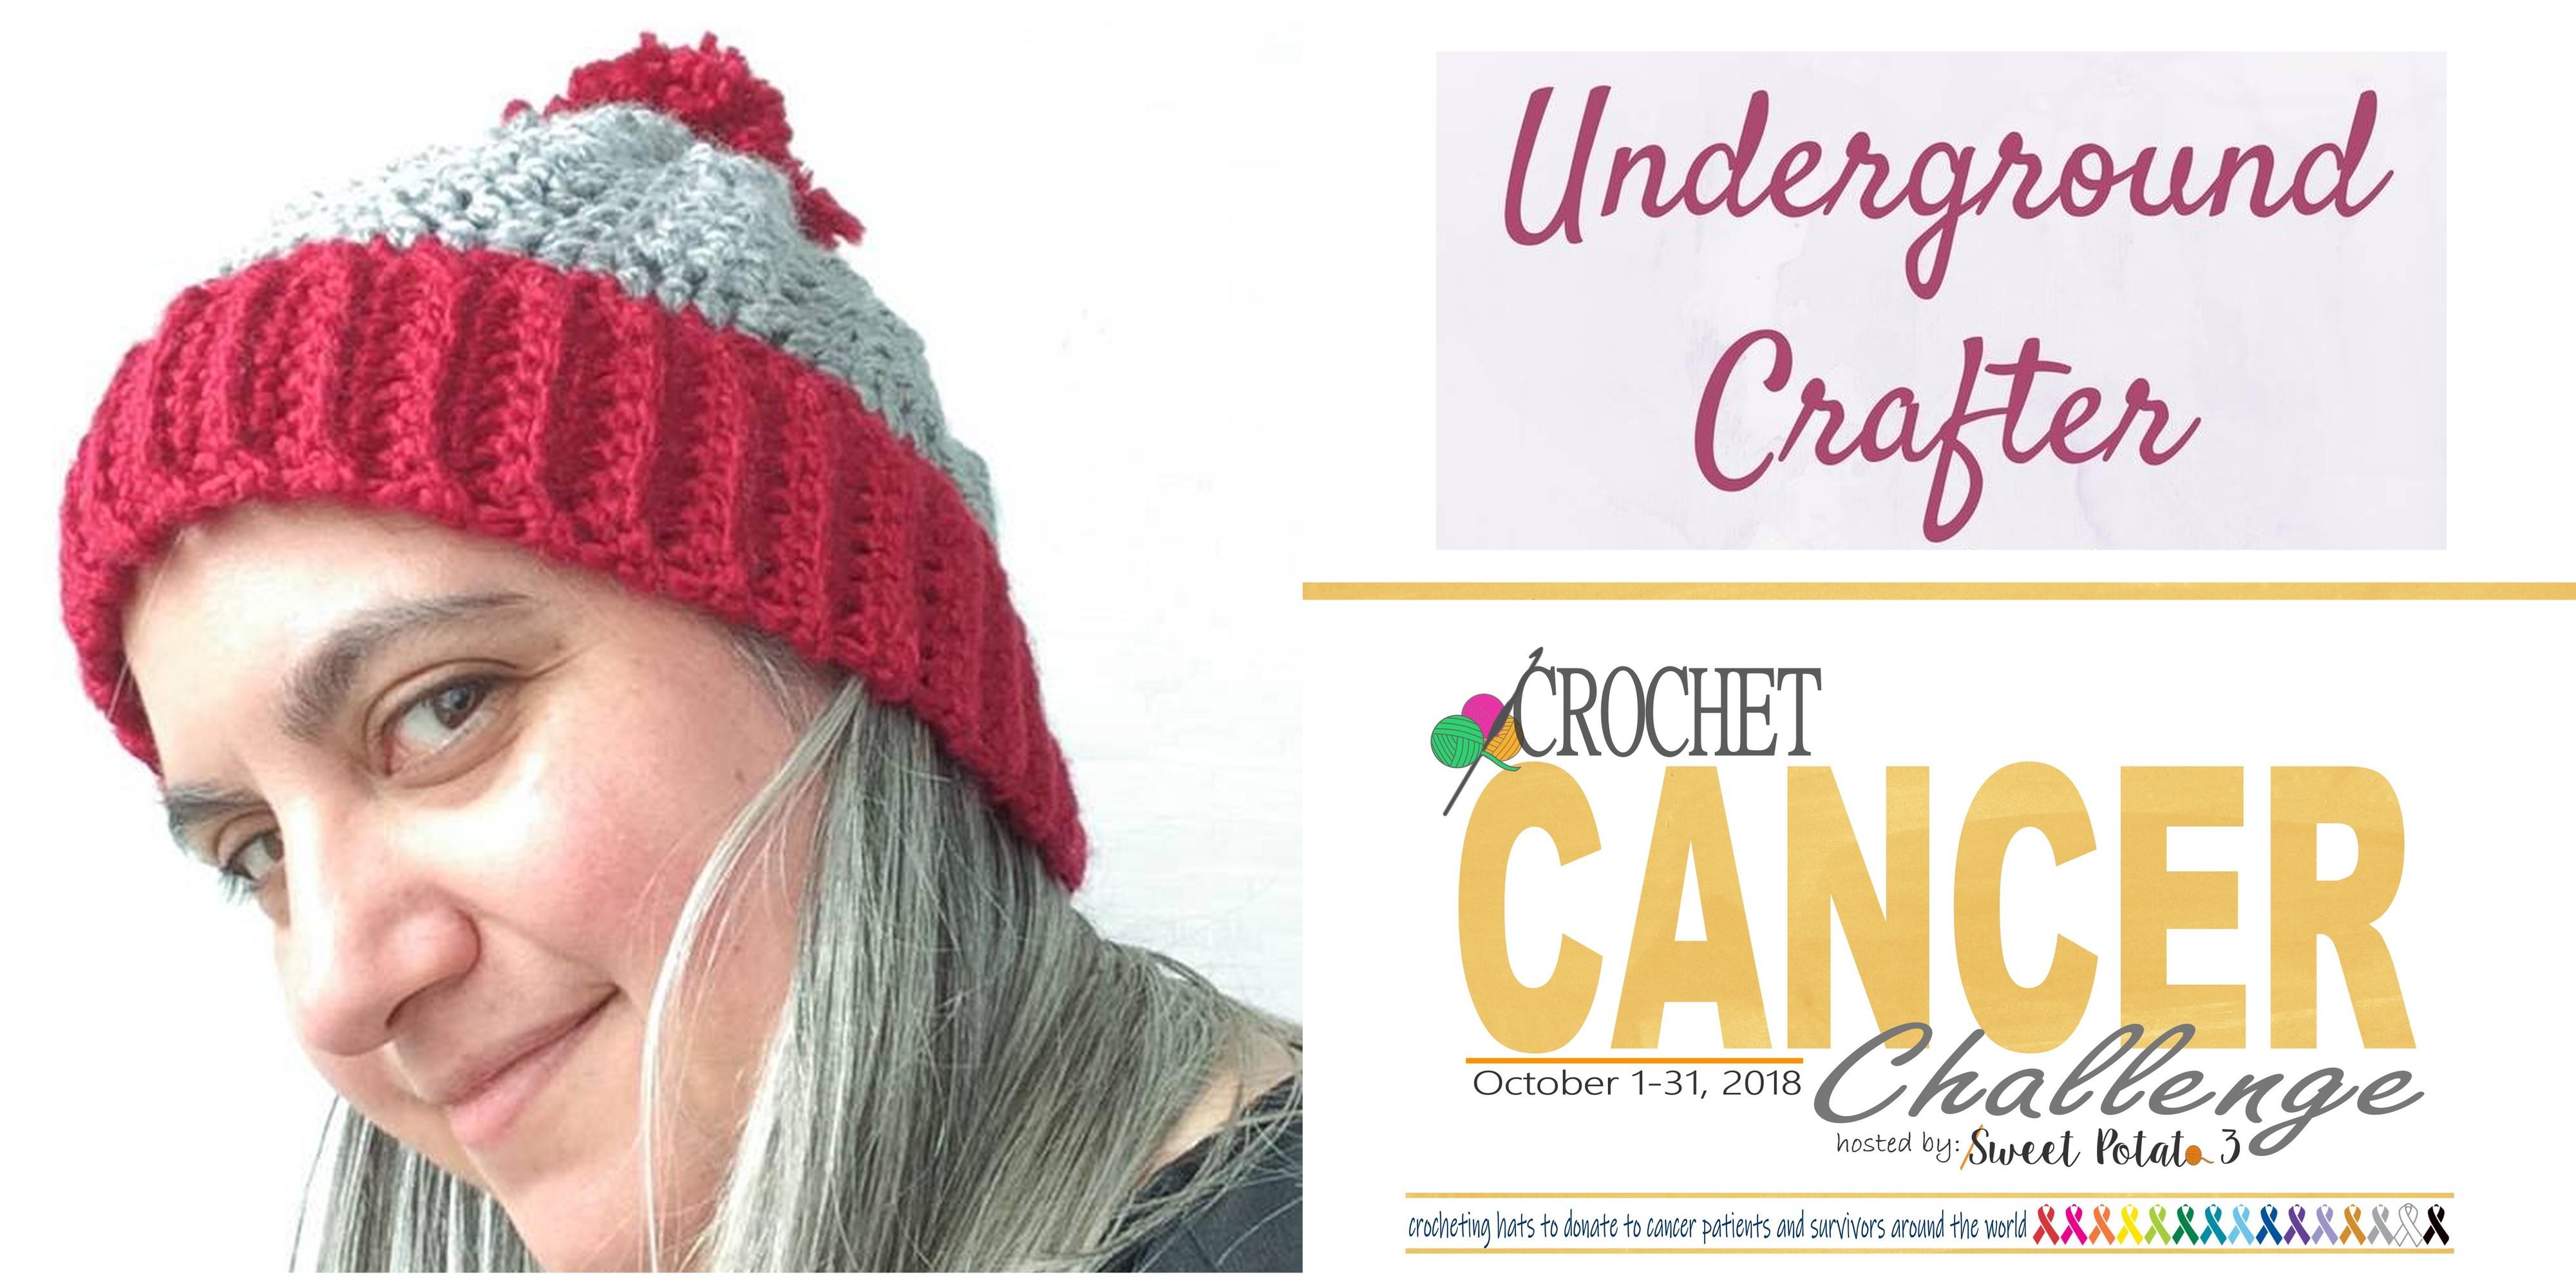 Day 24: Cancer Challenge – Underground Crafter